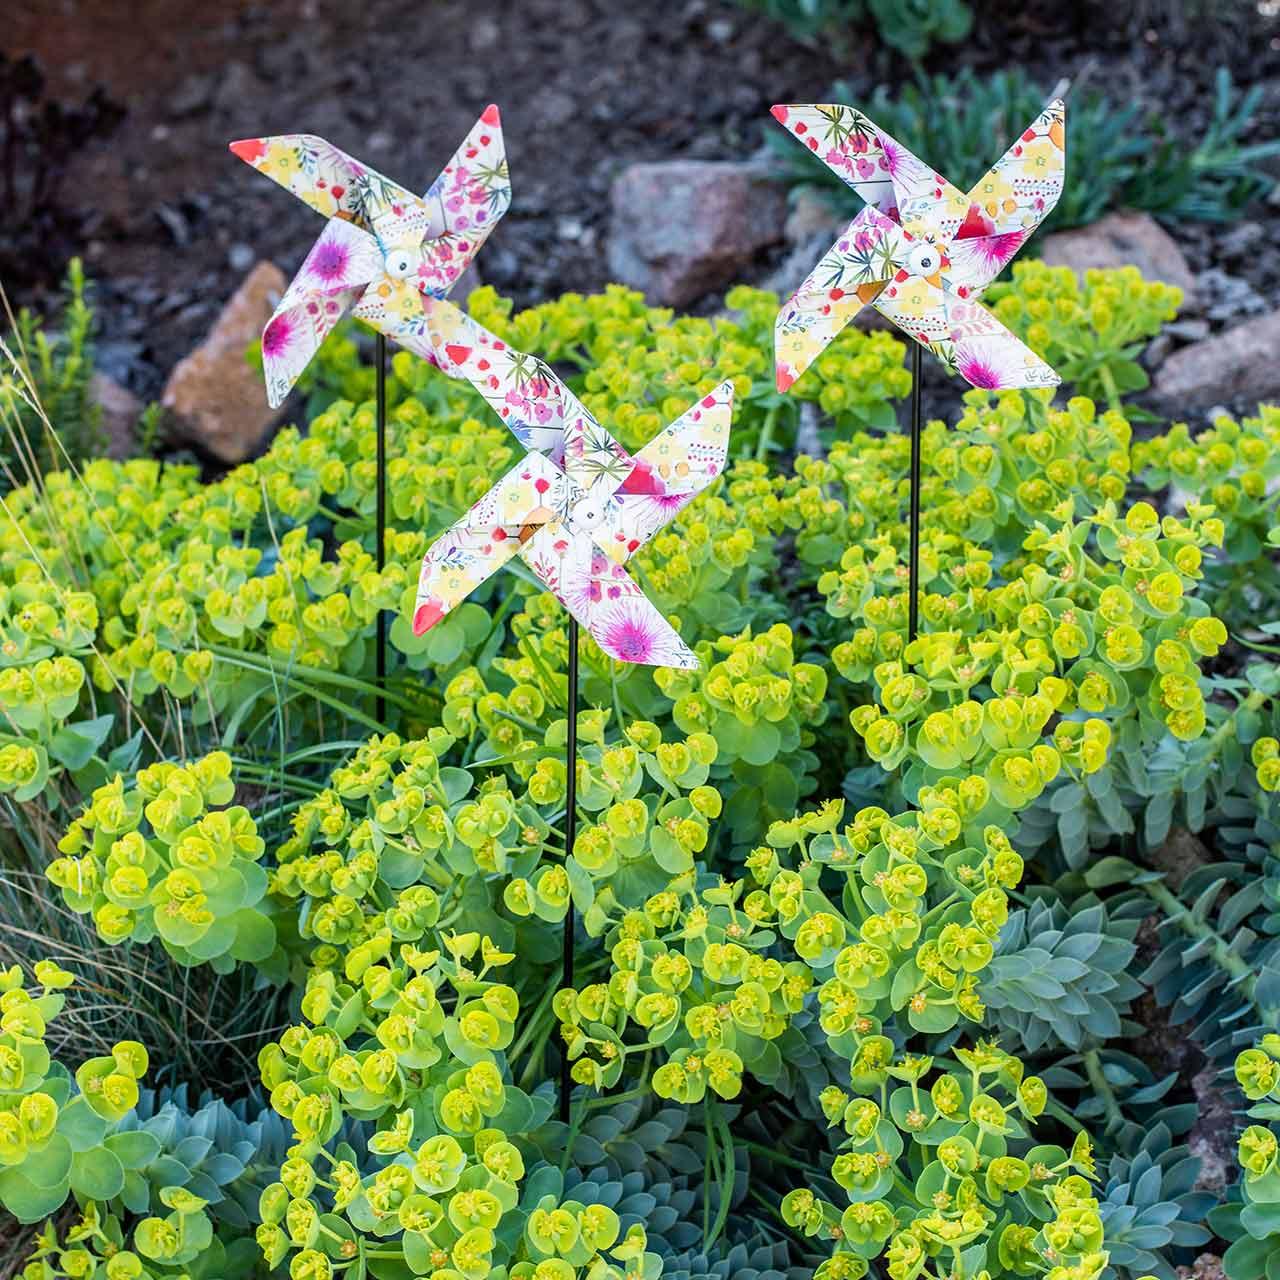 Sommer dekoration vindmølle Ø14cm farvet på pinden 3stk